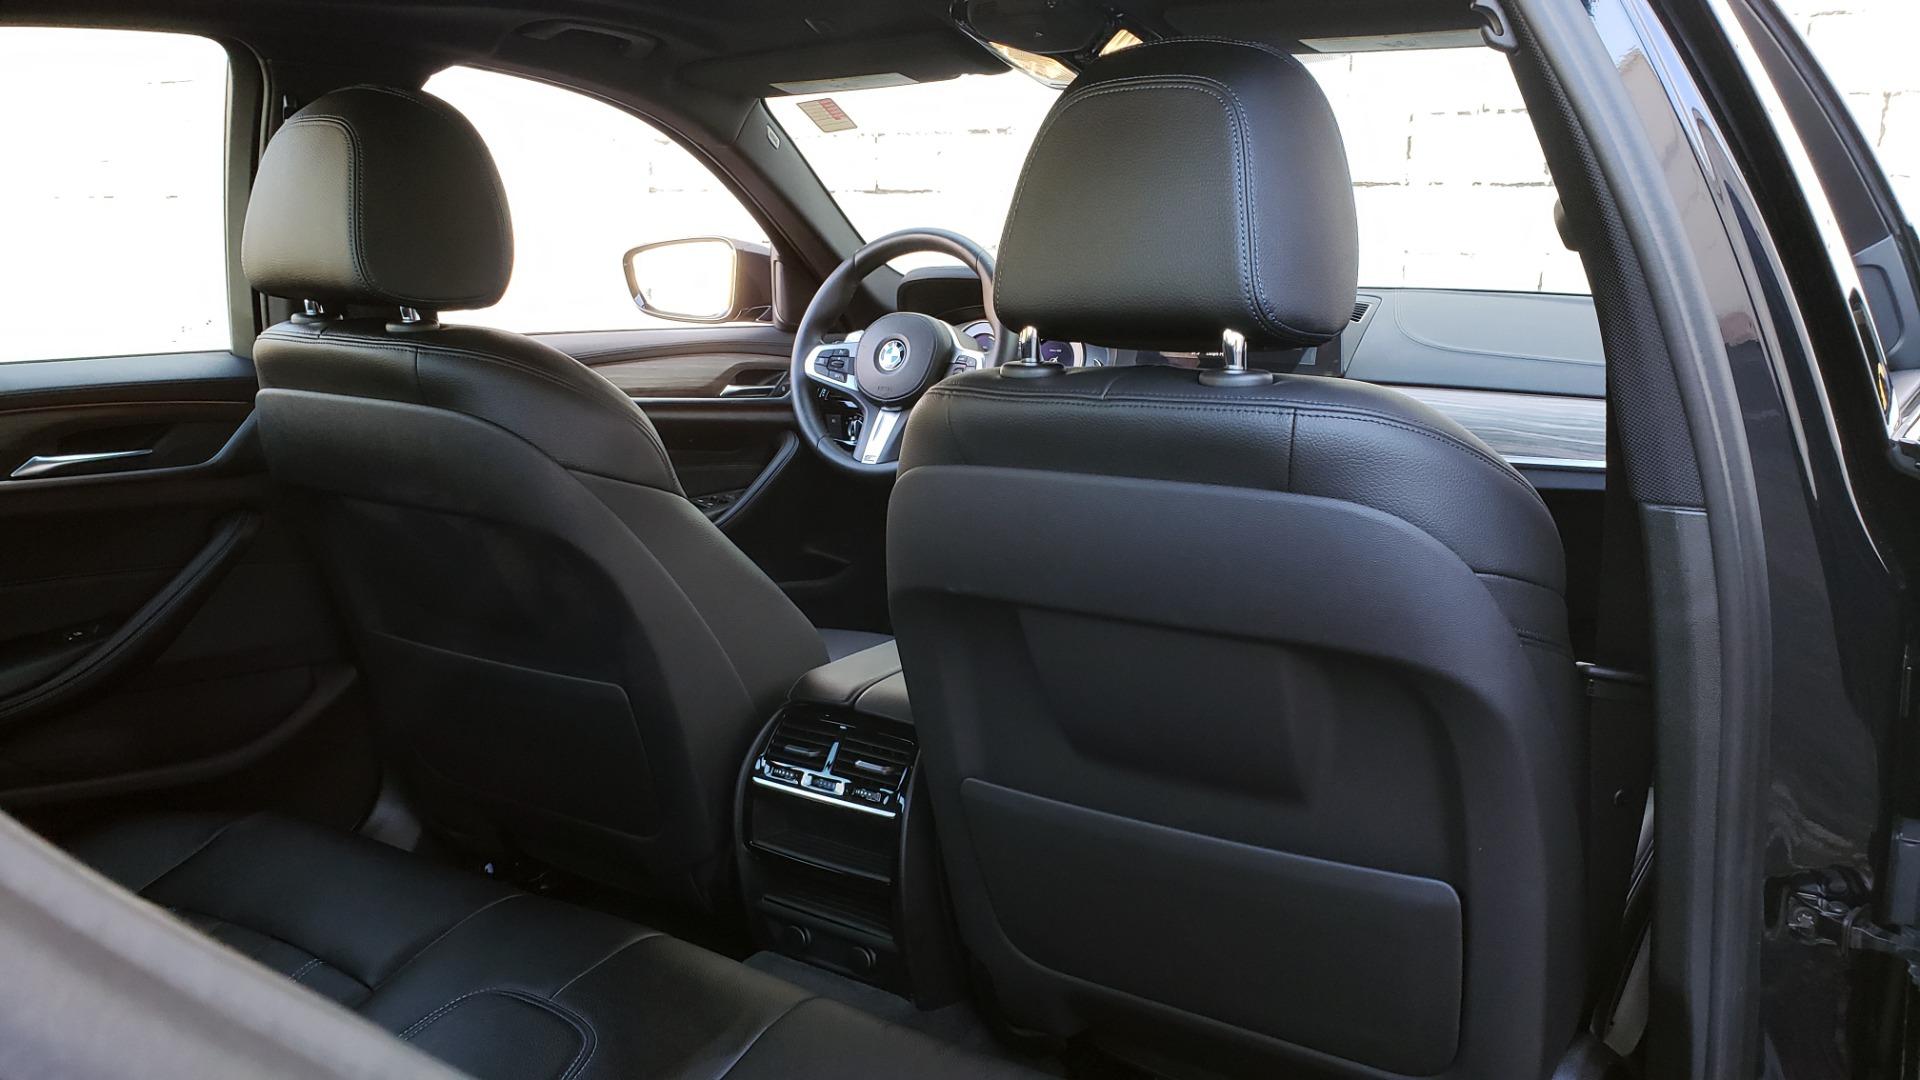 Used 2017 BMW 5 SERIES 530I M-SPORT / PREM PKG / DRVR ASST / HUD / NAV / REARVIEW for sale $33,995 at Formula Imports in Charlotte NC 28227 77